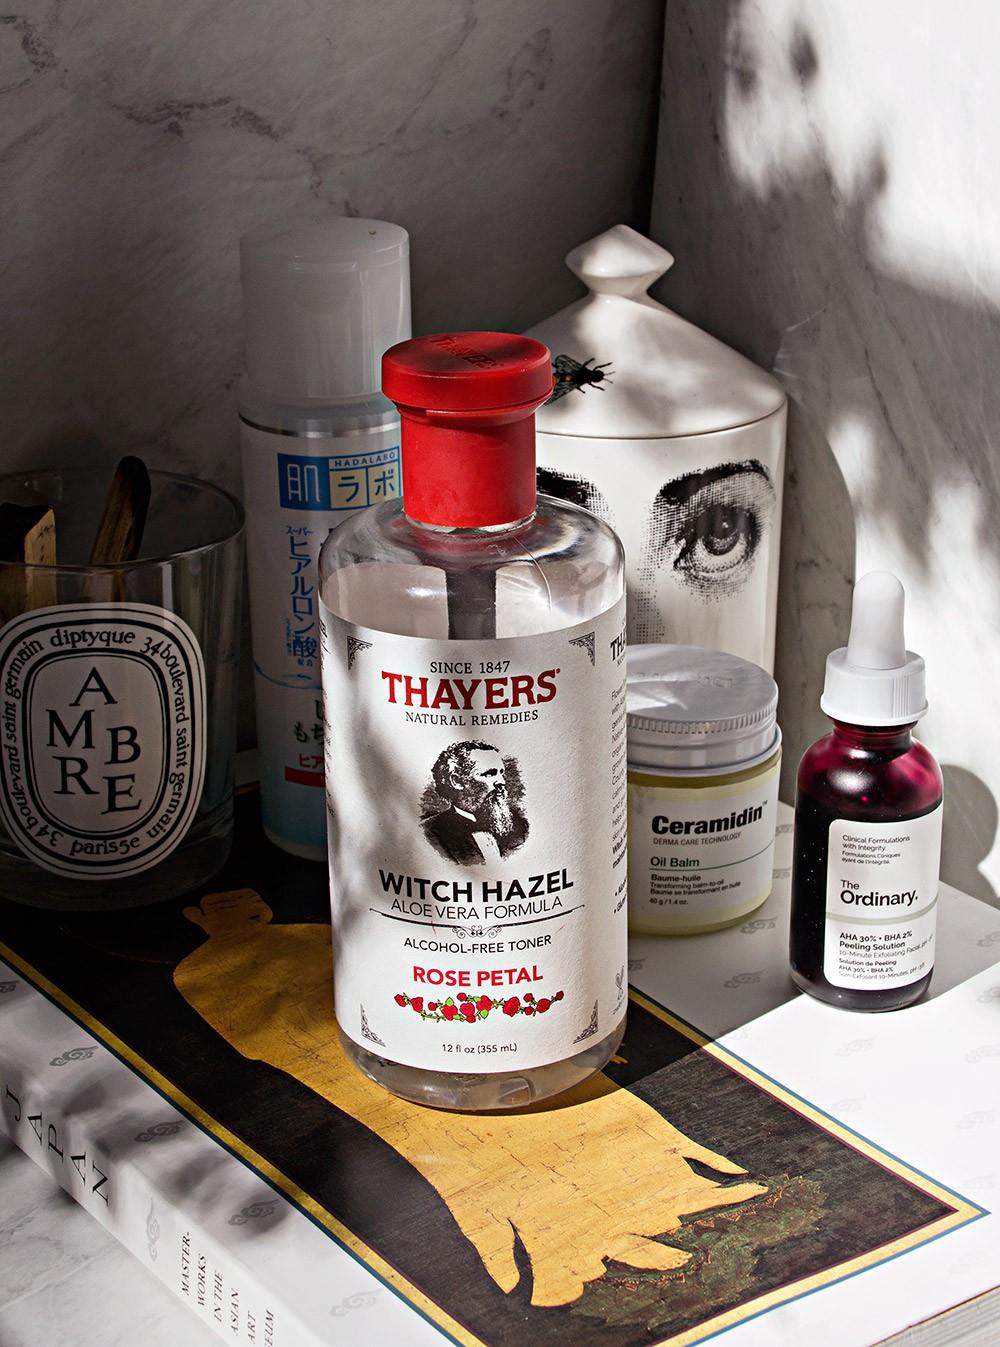 9 loại toner mang đến cho bạn làn da bóng khỏe, mịn màng hè này mà giá chỉ dưới 400k - Ảnh 6.